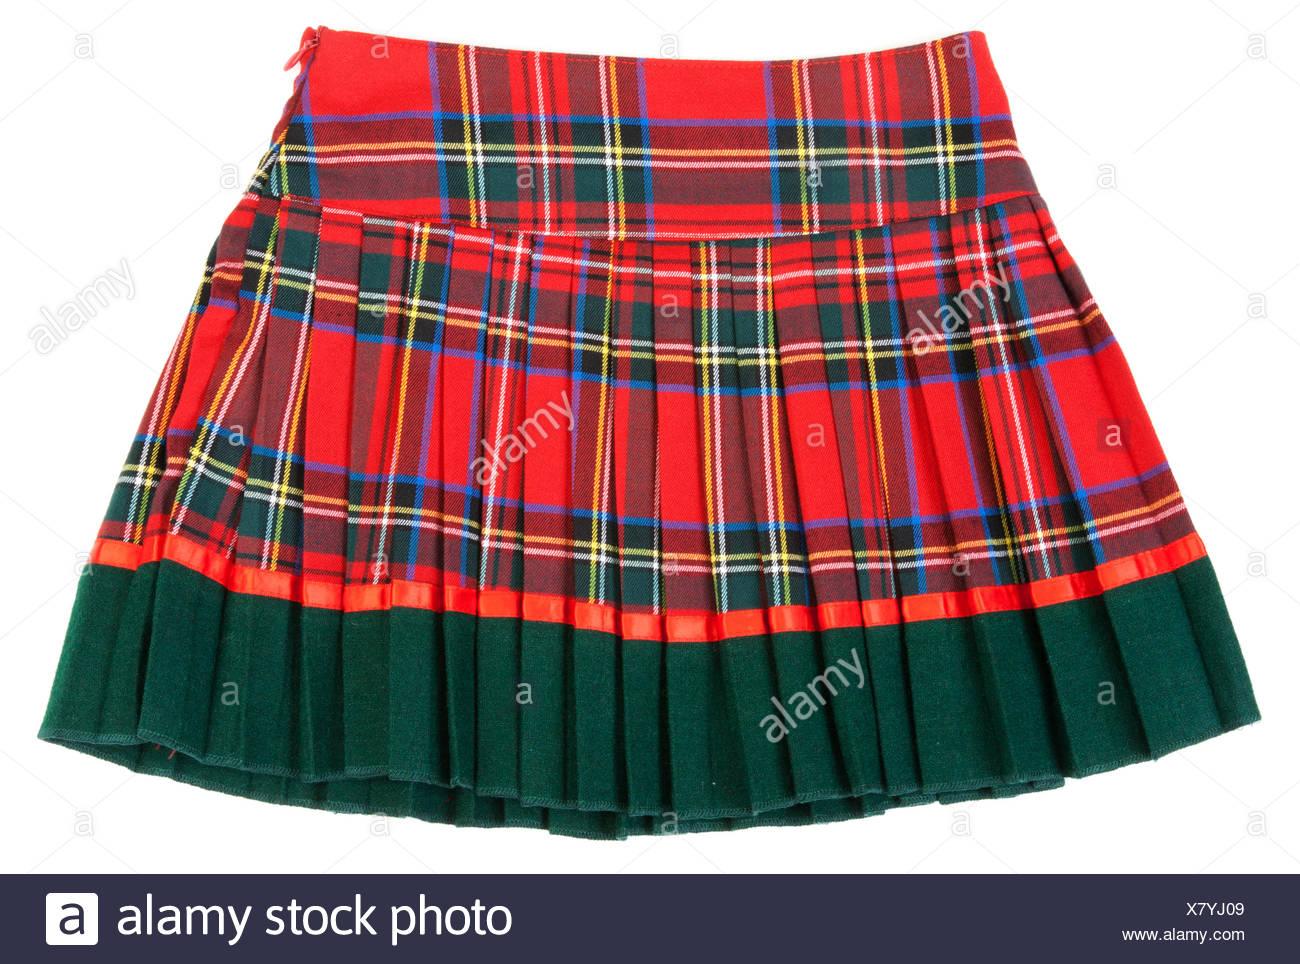 Plaid red feminine skirt - Stock Image